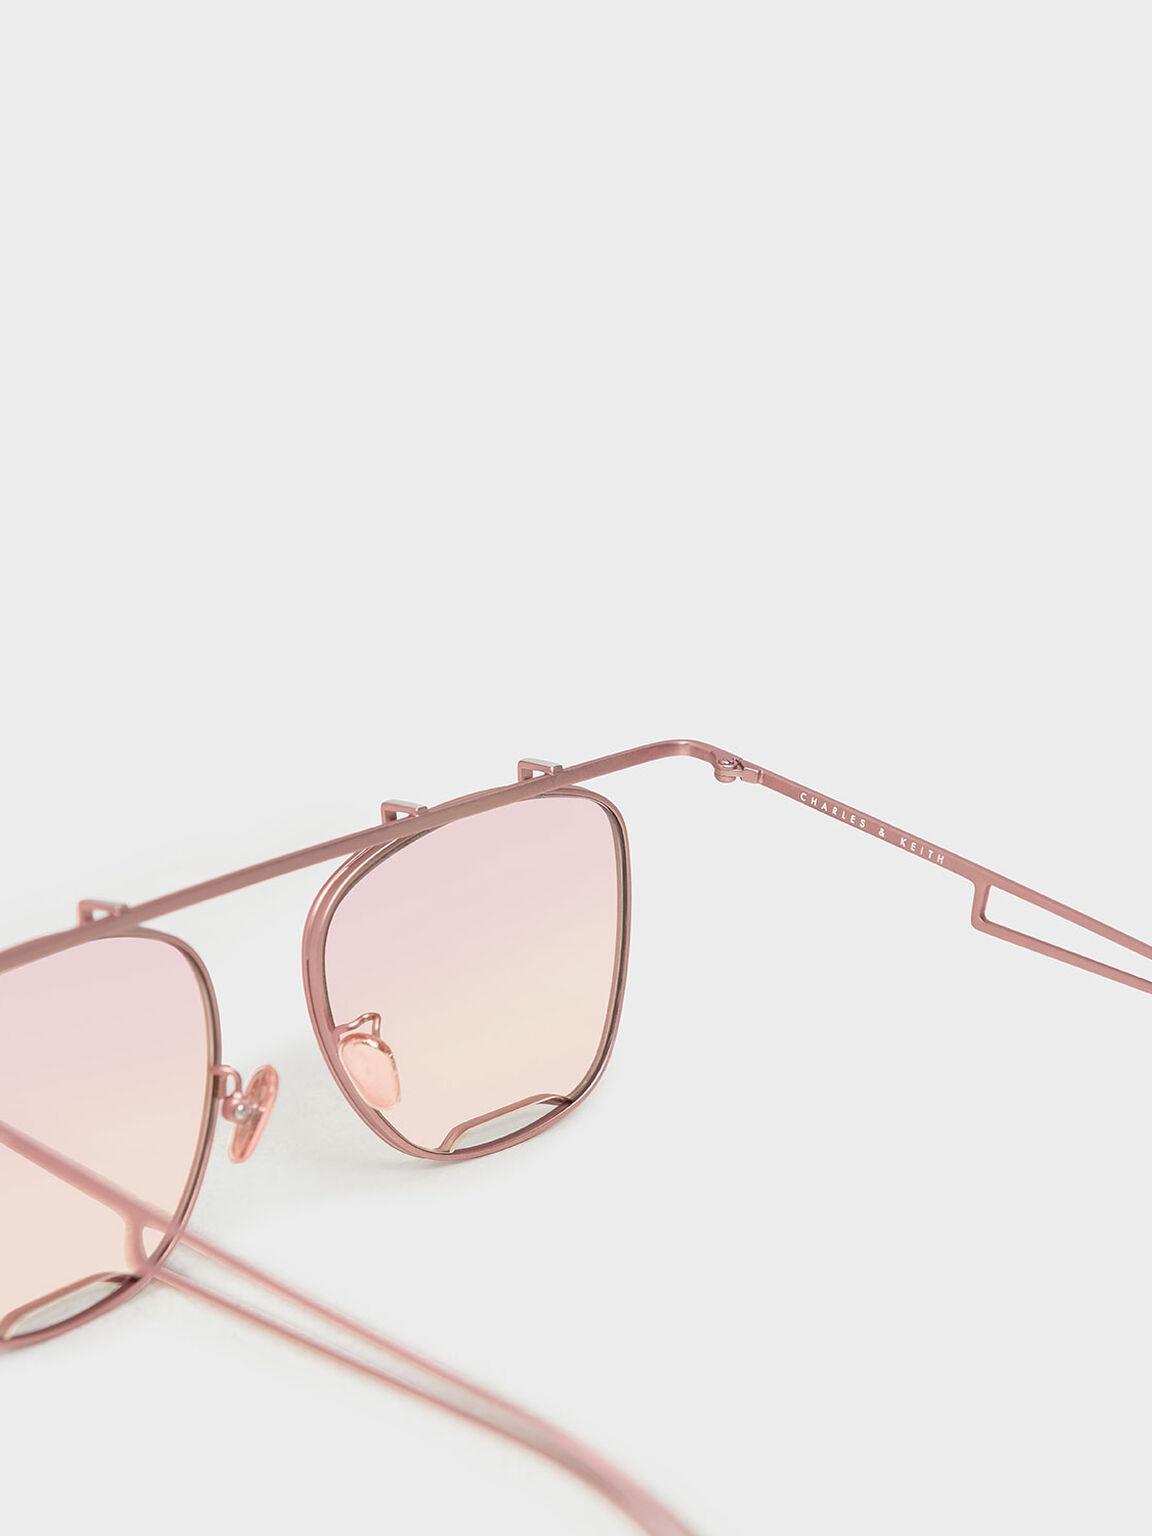 Metal Frame Aviators, Pink, hi-res